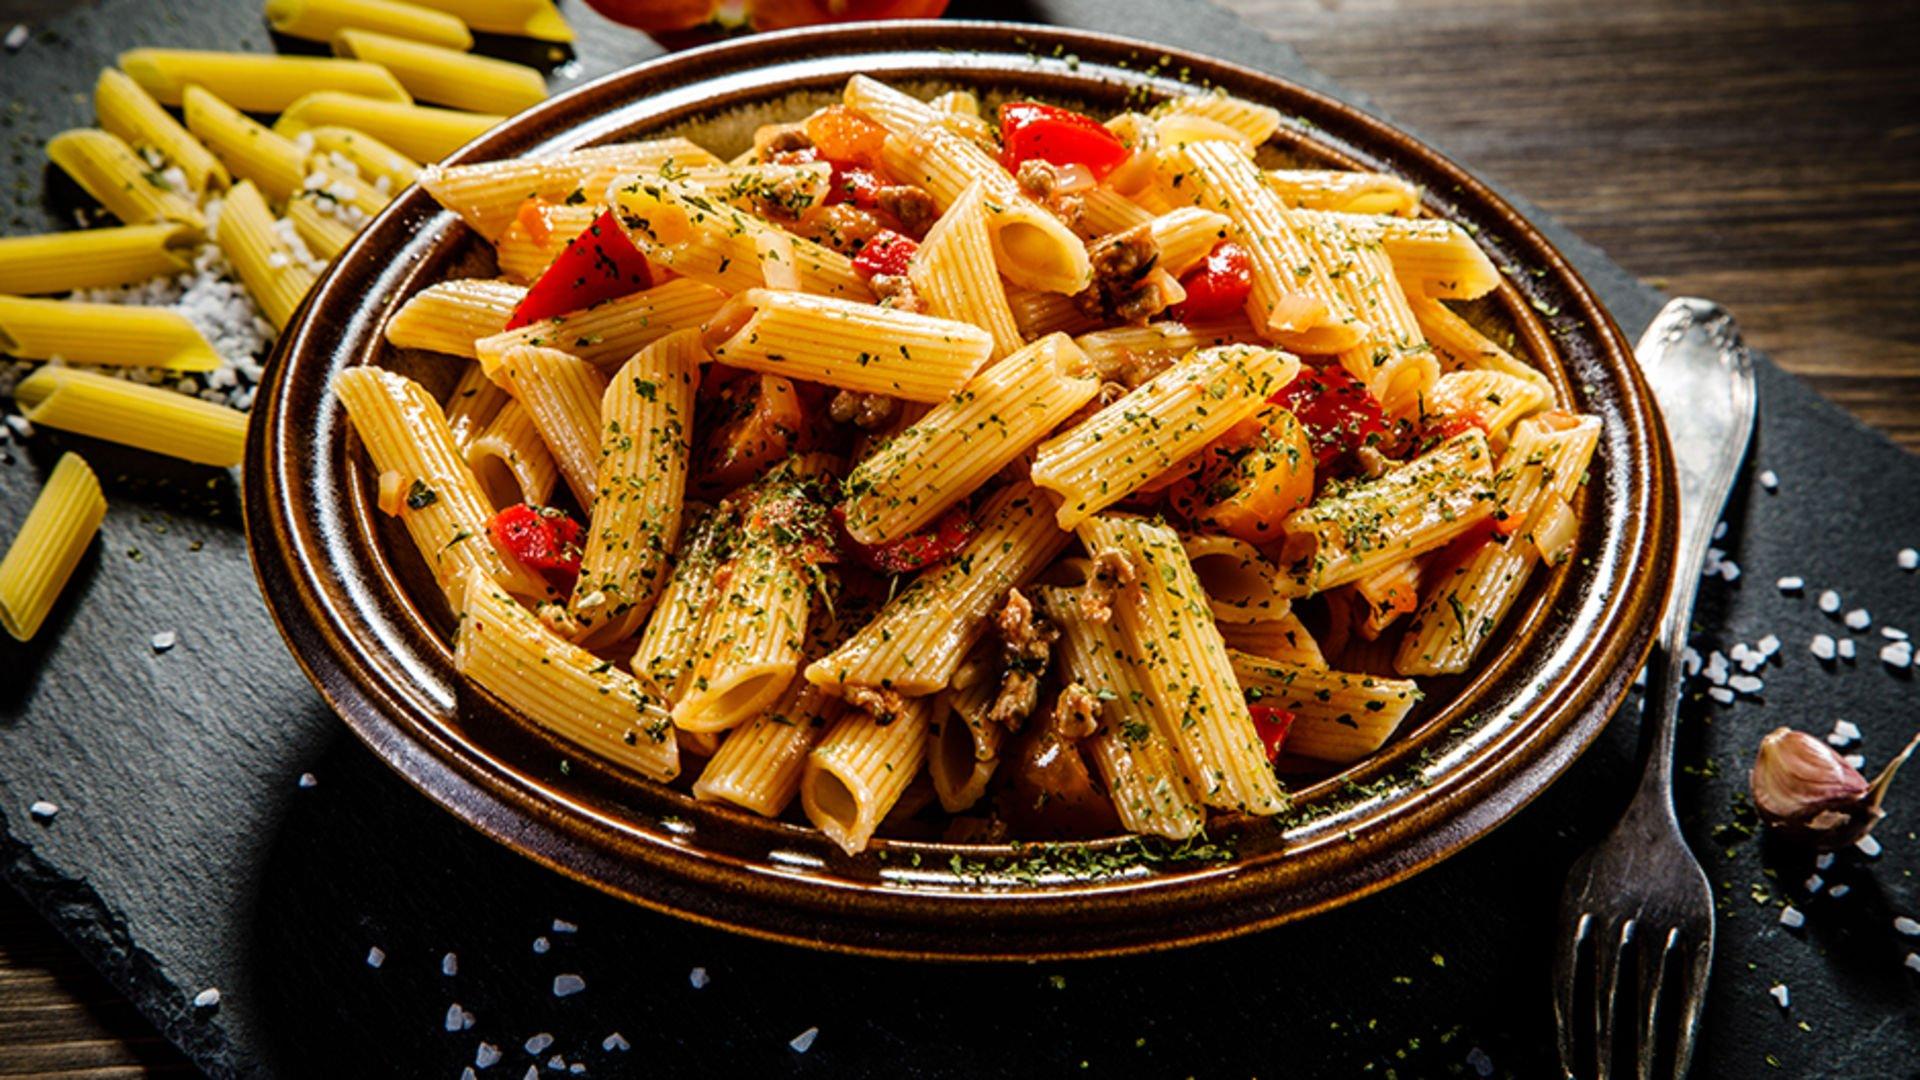 Fransız diyet: kilo vermek için başka bir yol